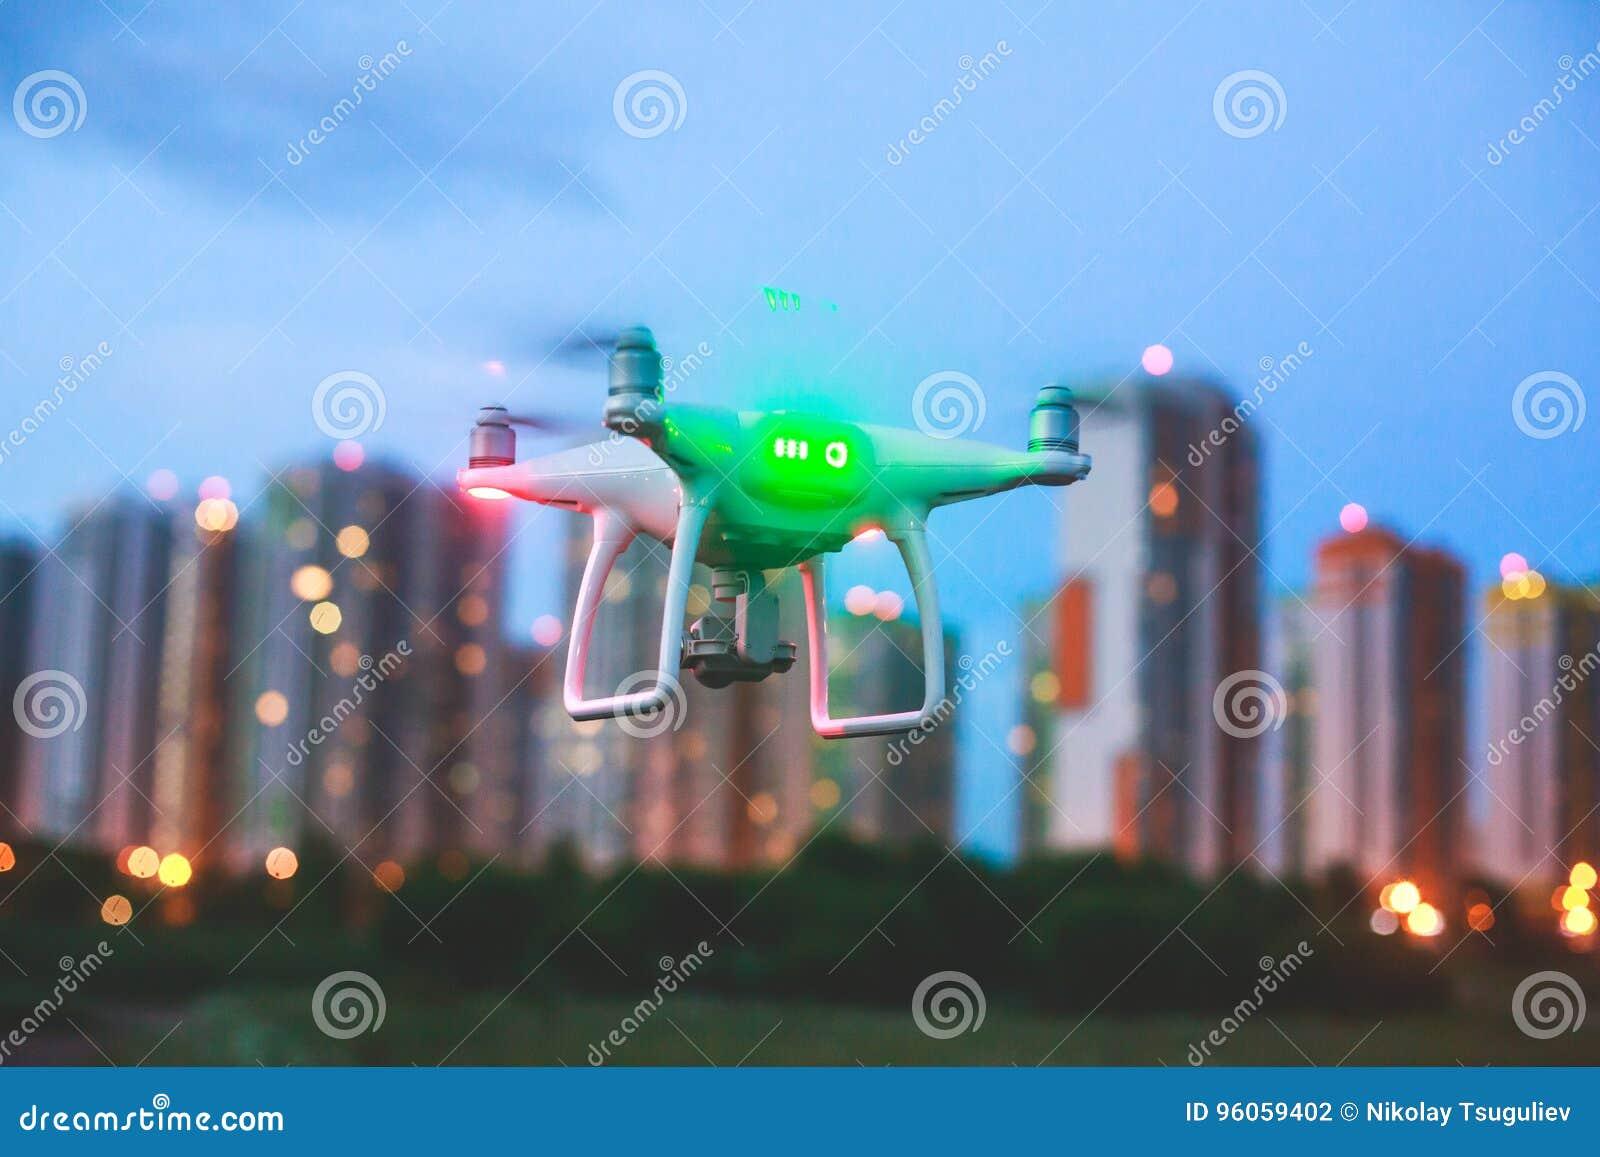 Un processus de lancer le bourdon de quadcopter avec l appareil-photo, opérateur lance UAV de quadcopter, vol aérien téléguidé de